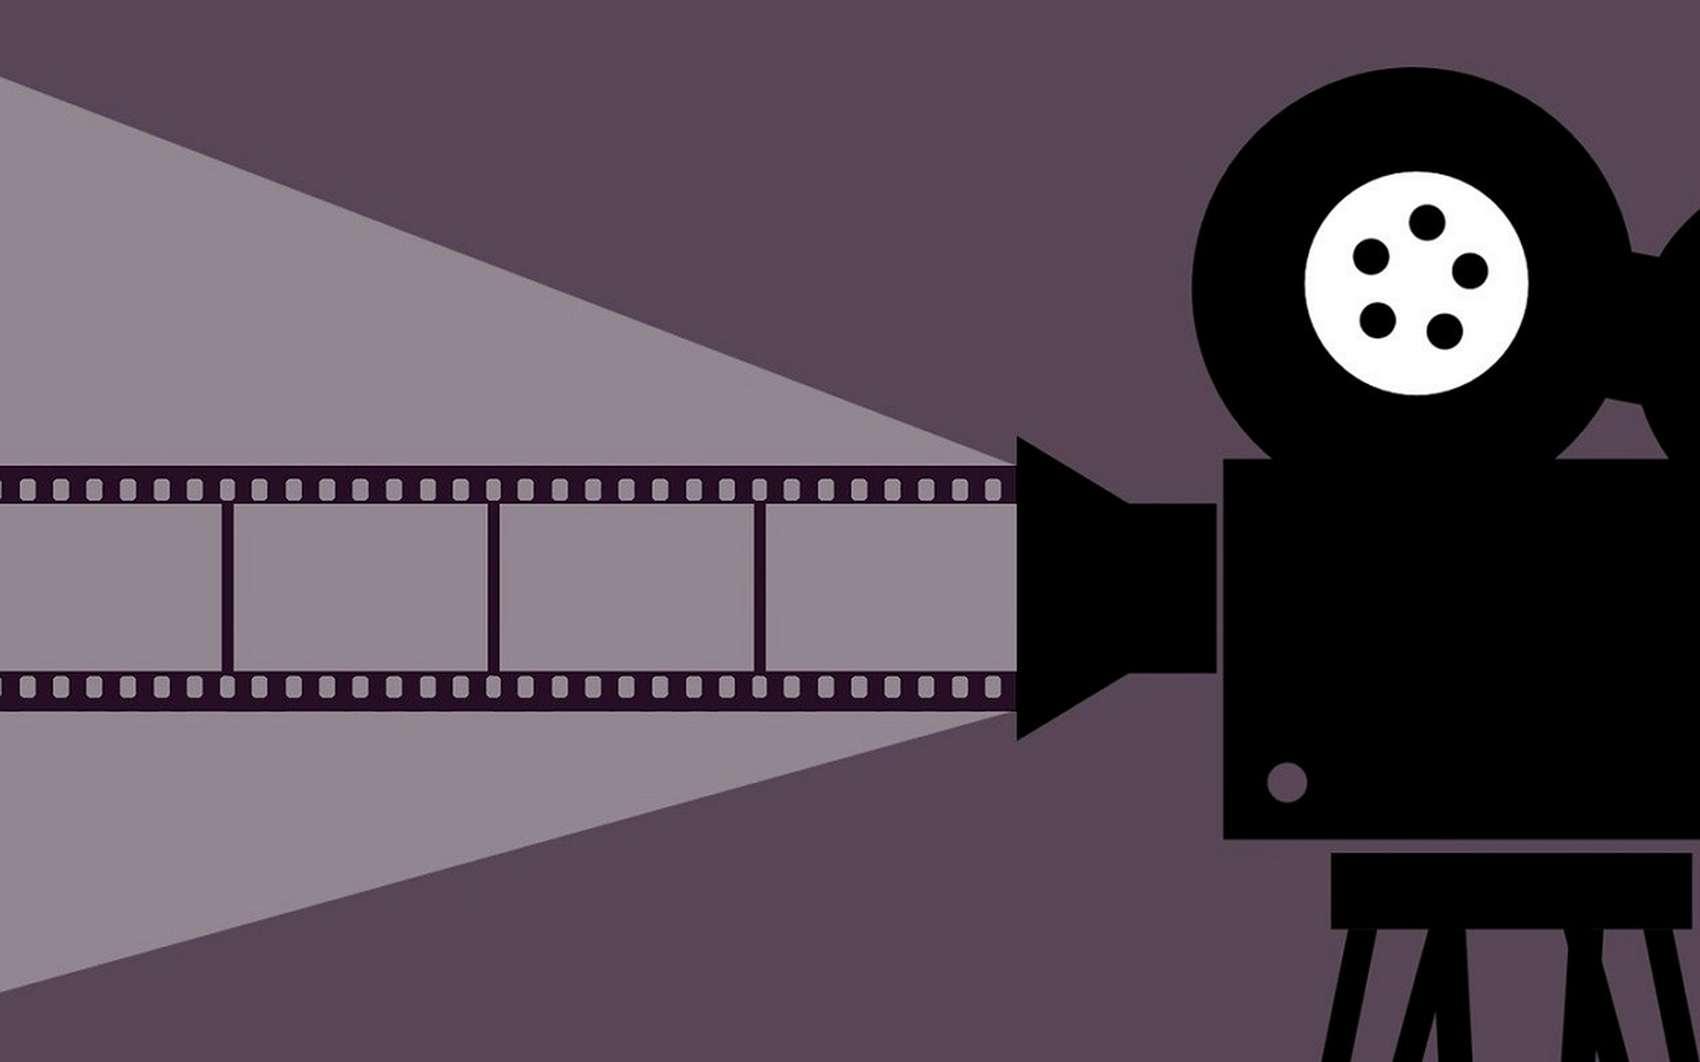 La conversion d'une vidéo à une résolution inférieure diminue forcément la qualité, mais peut rendre le fichier éditable par des ordinateurs à la configuration modeste. © Pixabay.com